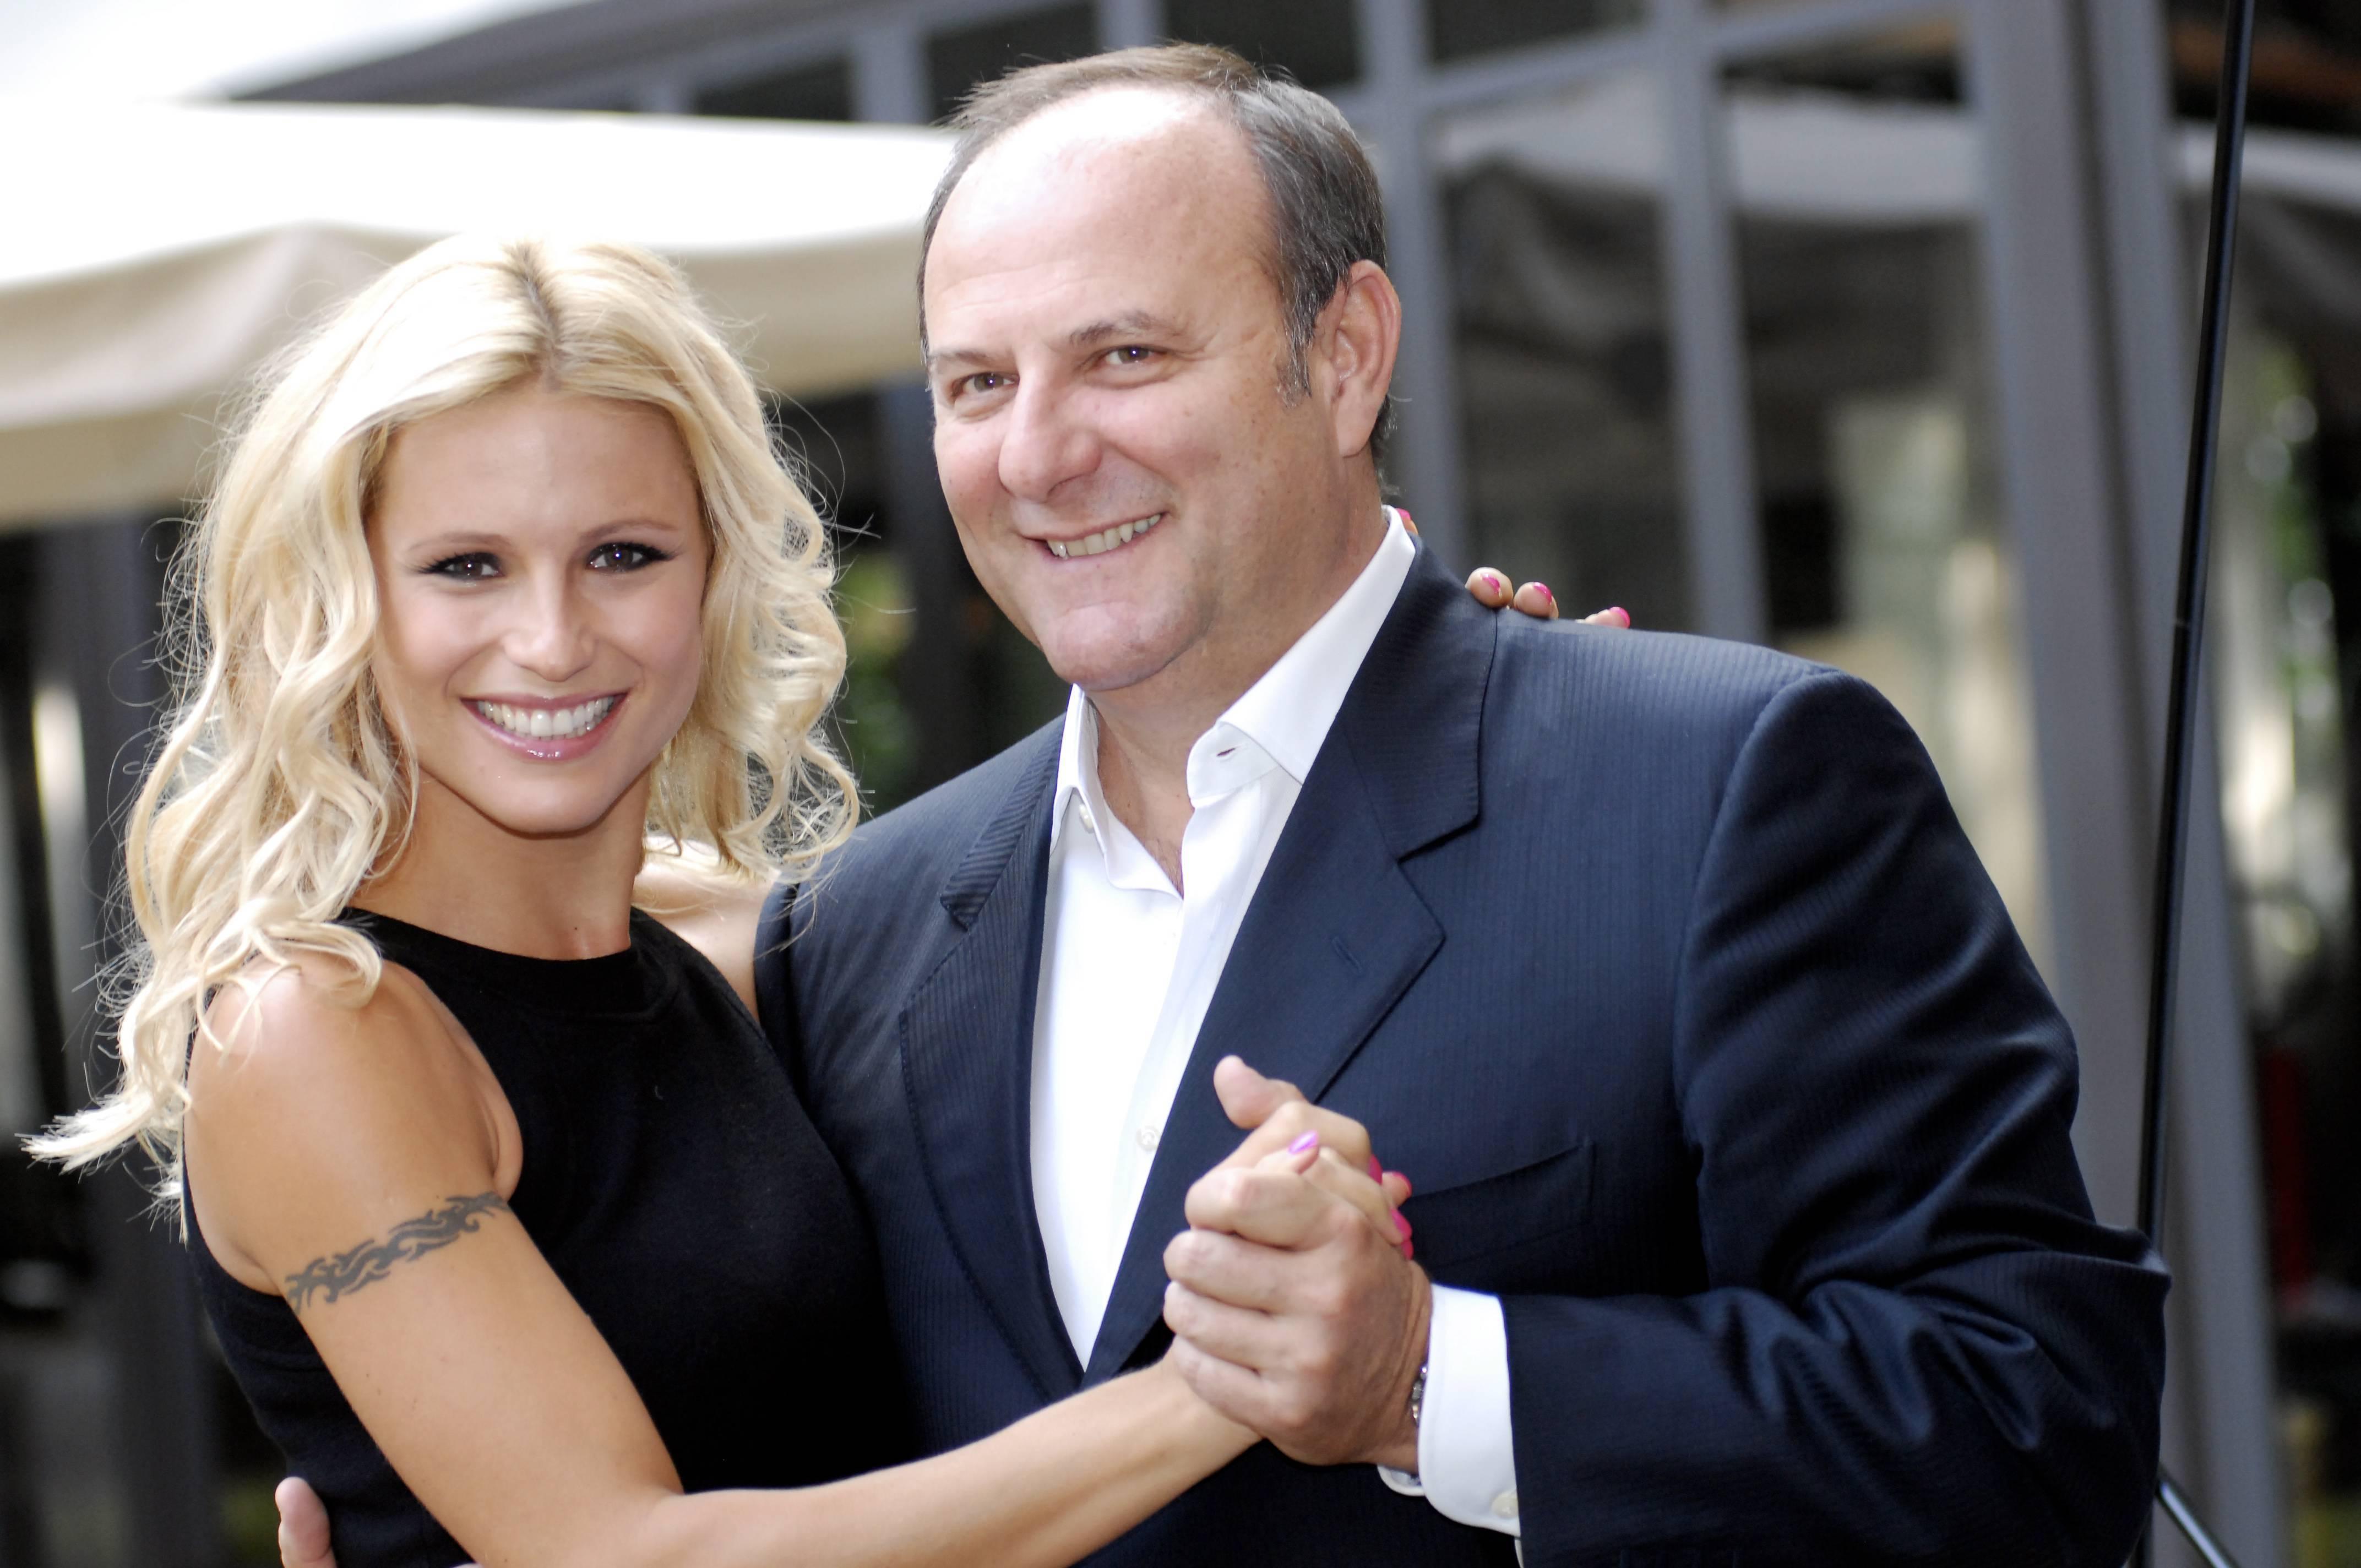 Ascolti Tv venerdì 12 aprile 2012: Paperissima vince la serata con quasi 5 mln